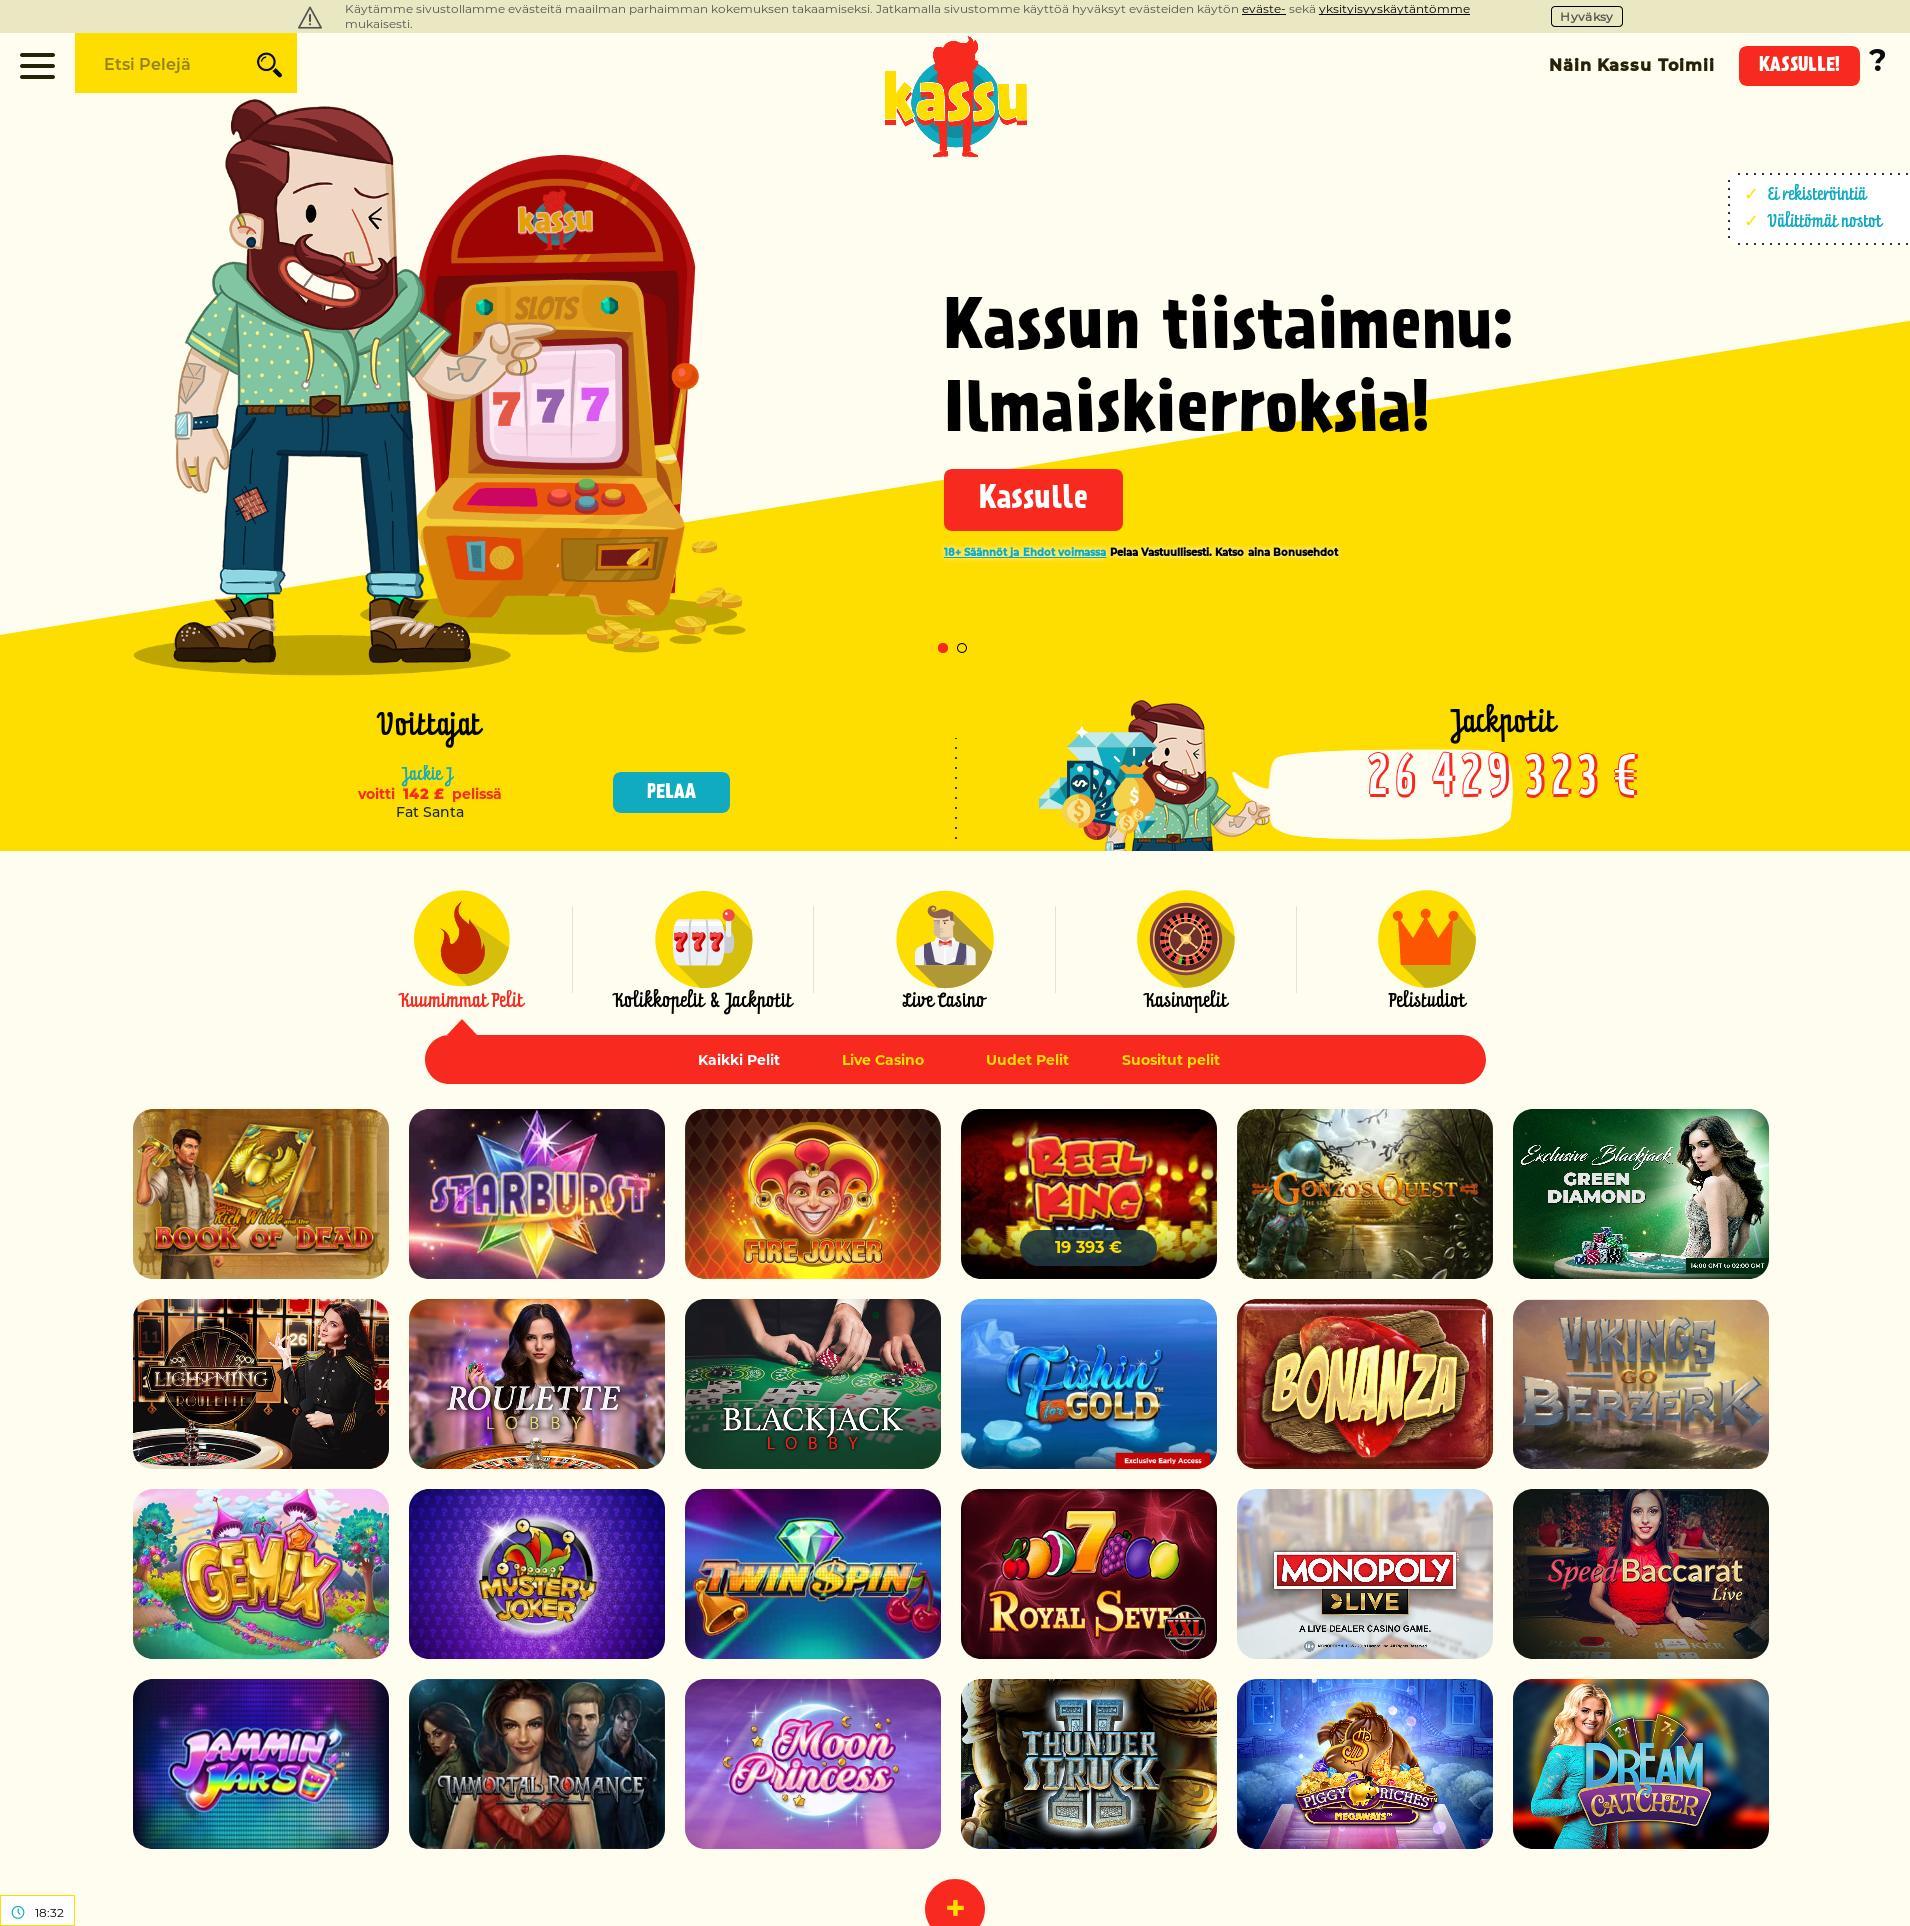 Casino-näyttö Lobby 2020-02-24 varten Suomi